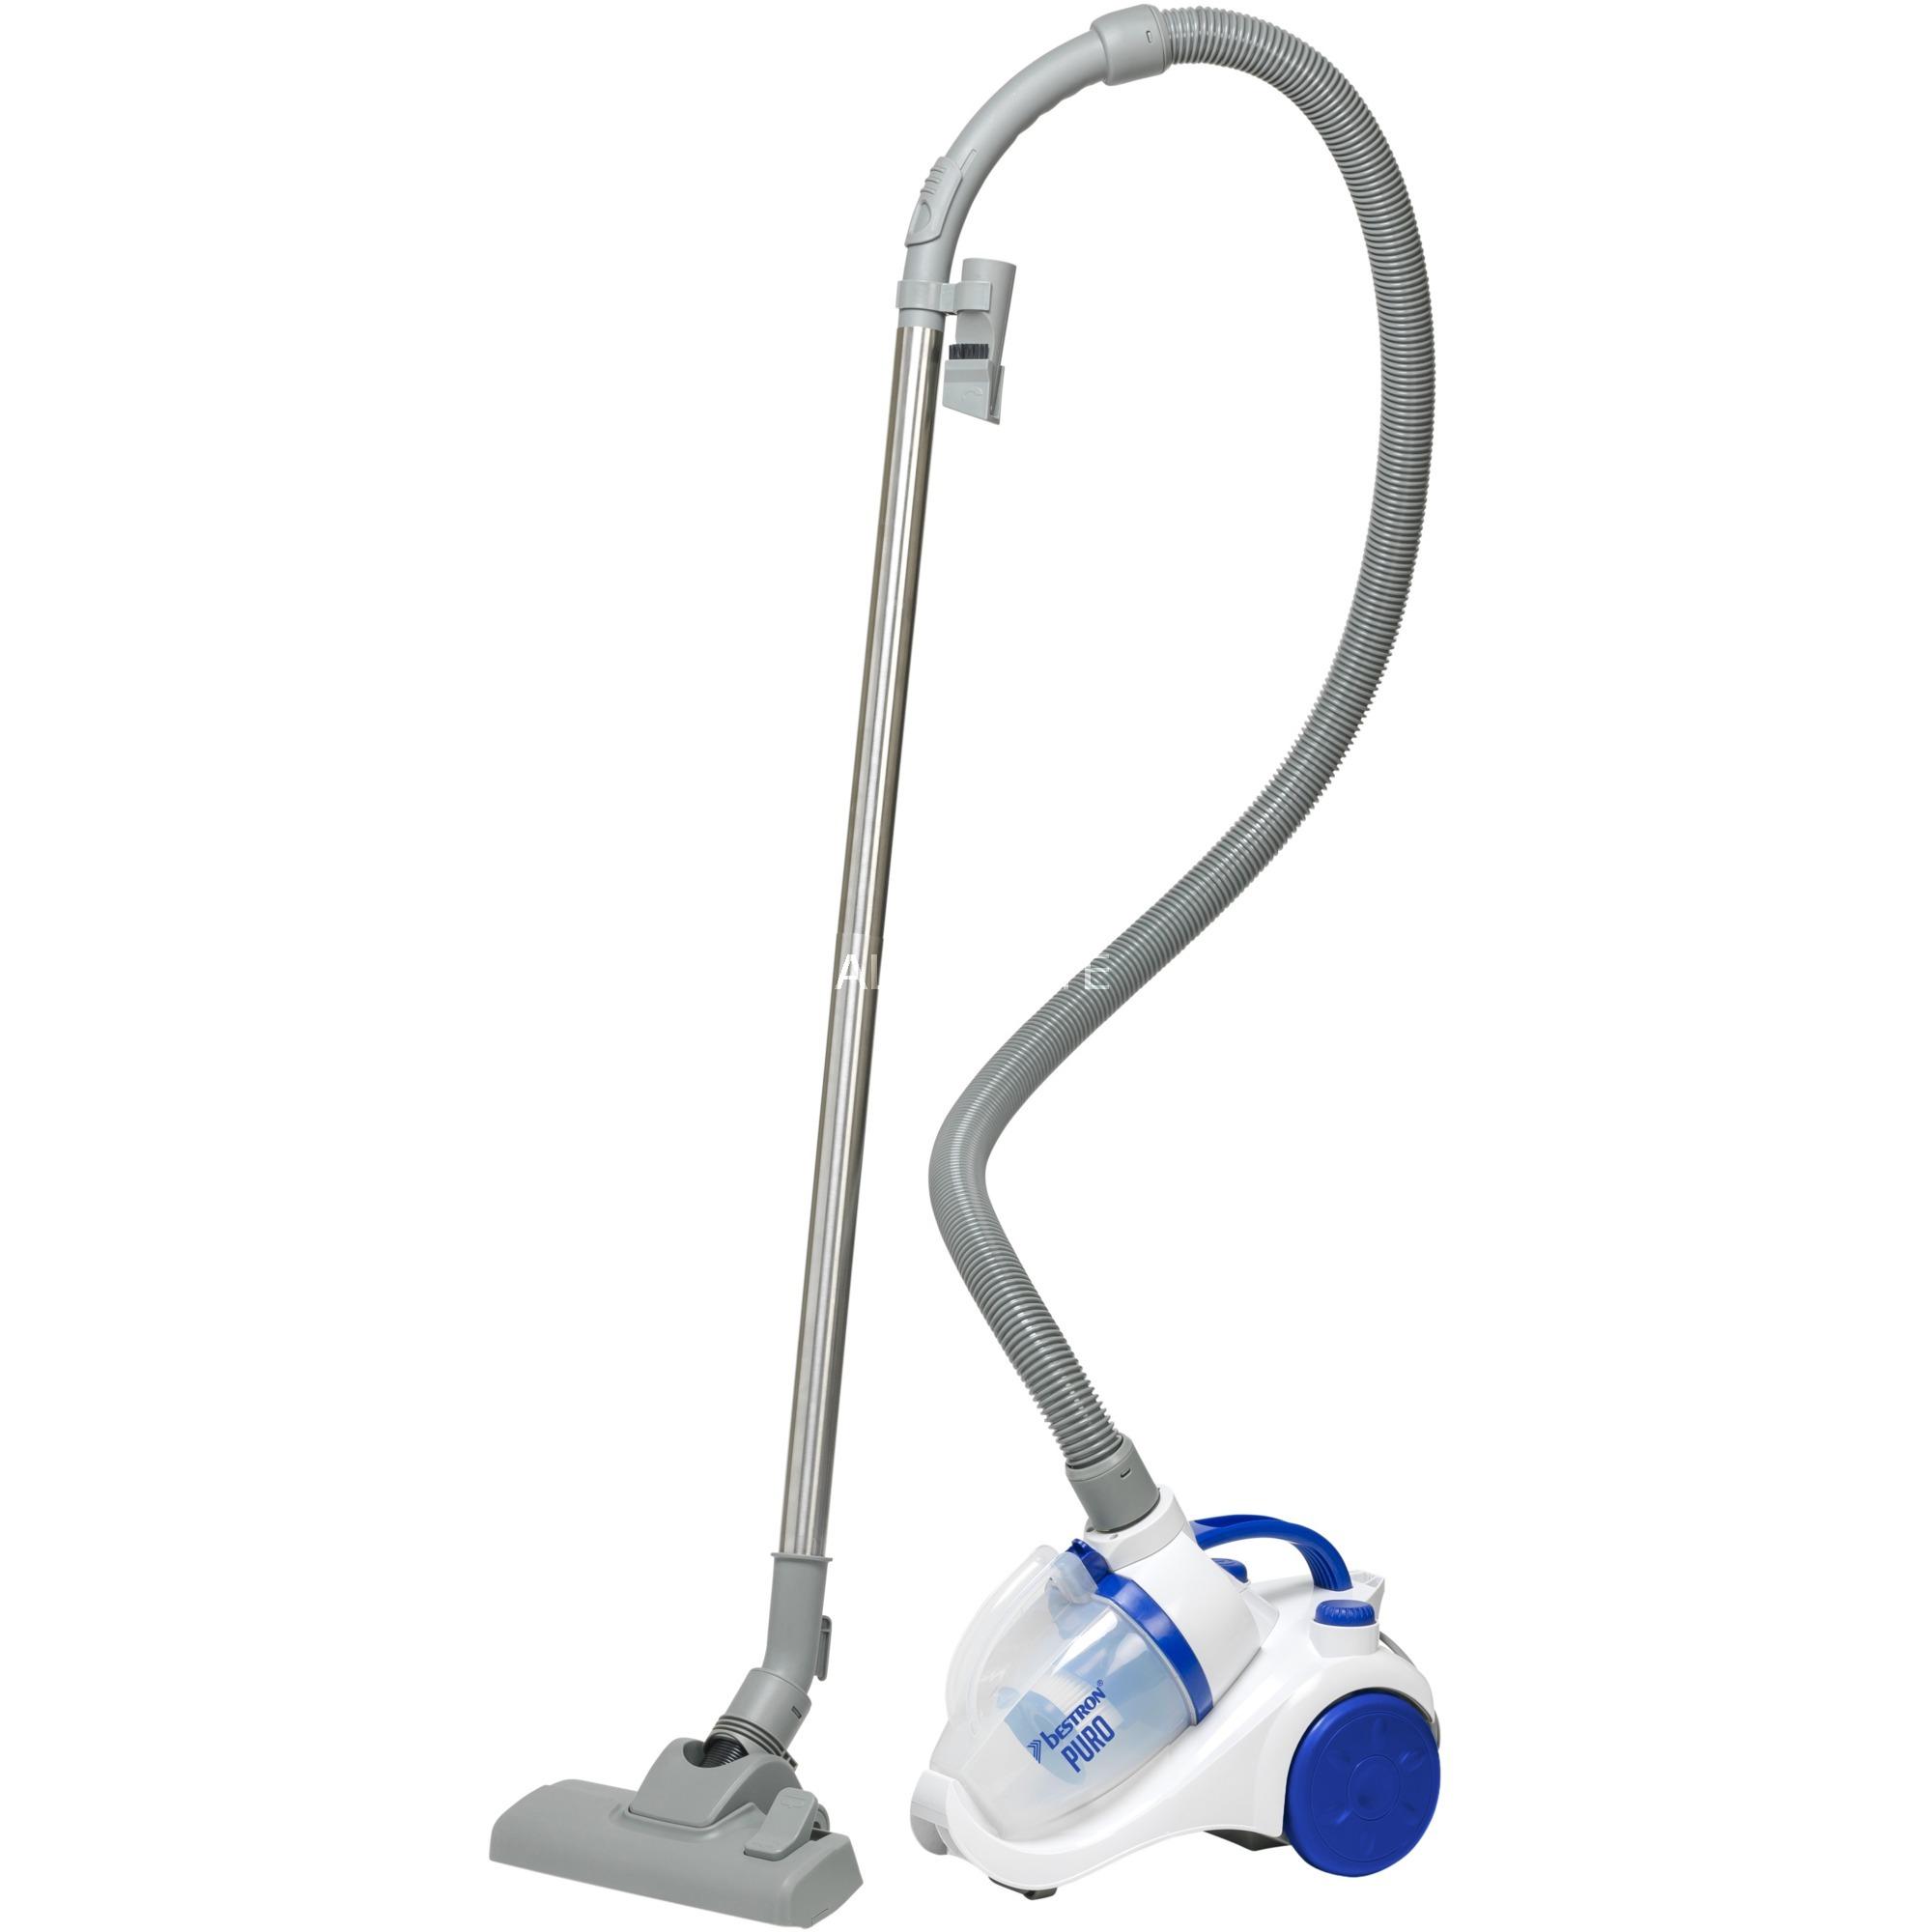 ABL830WB Aspiradora cilíndrica 1L 700W A Azul, Blanco aspiradora, Aspiradora de suelo